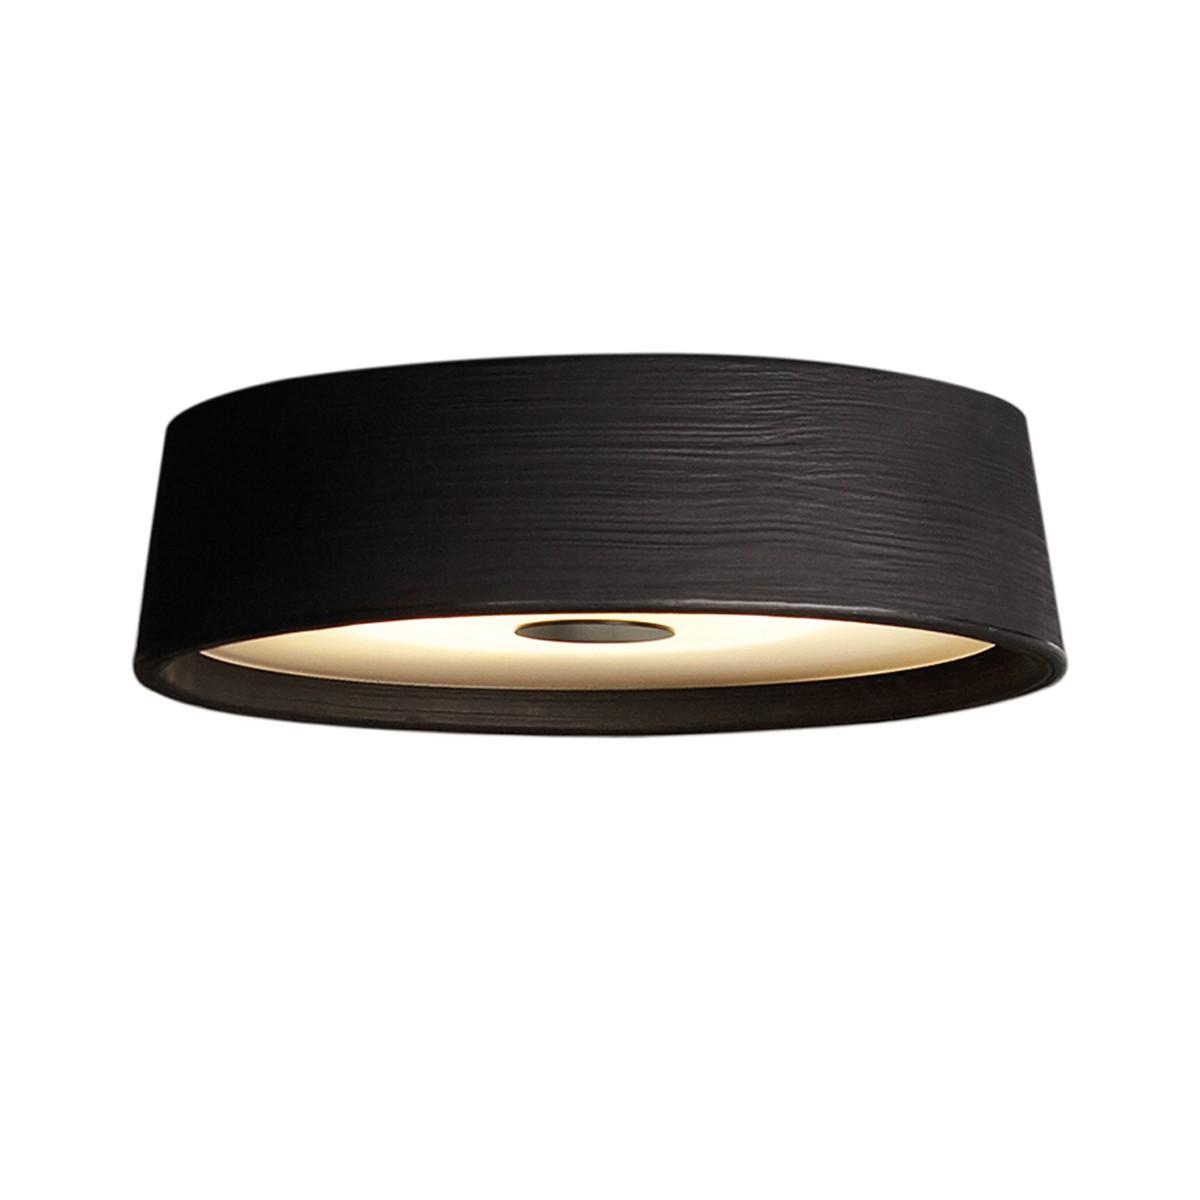 Marset Soho C 112 LED Deckenleuchte, schwarz